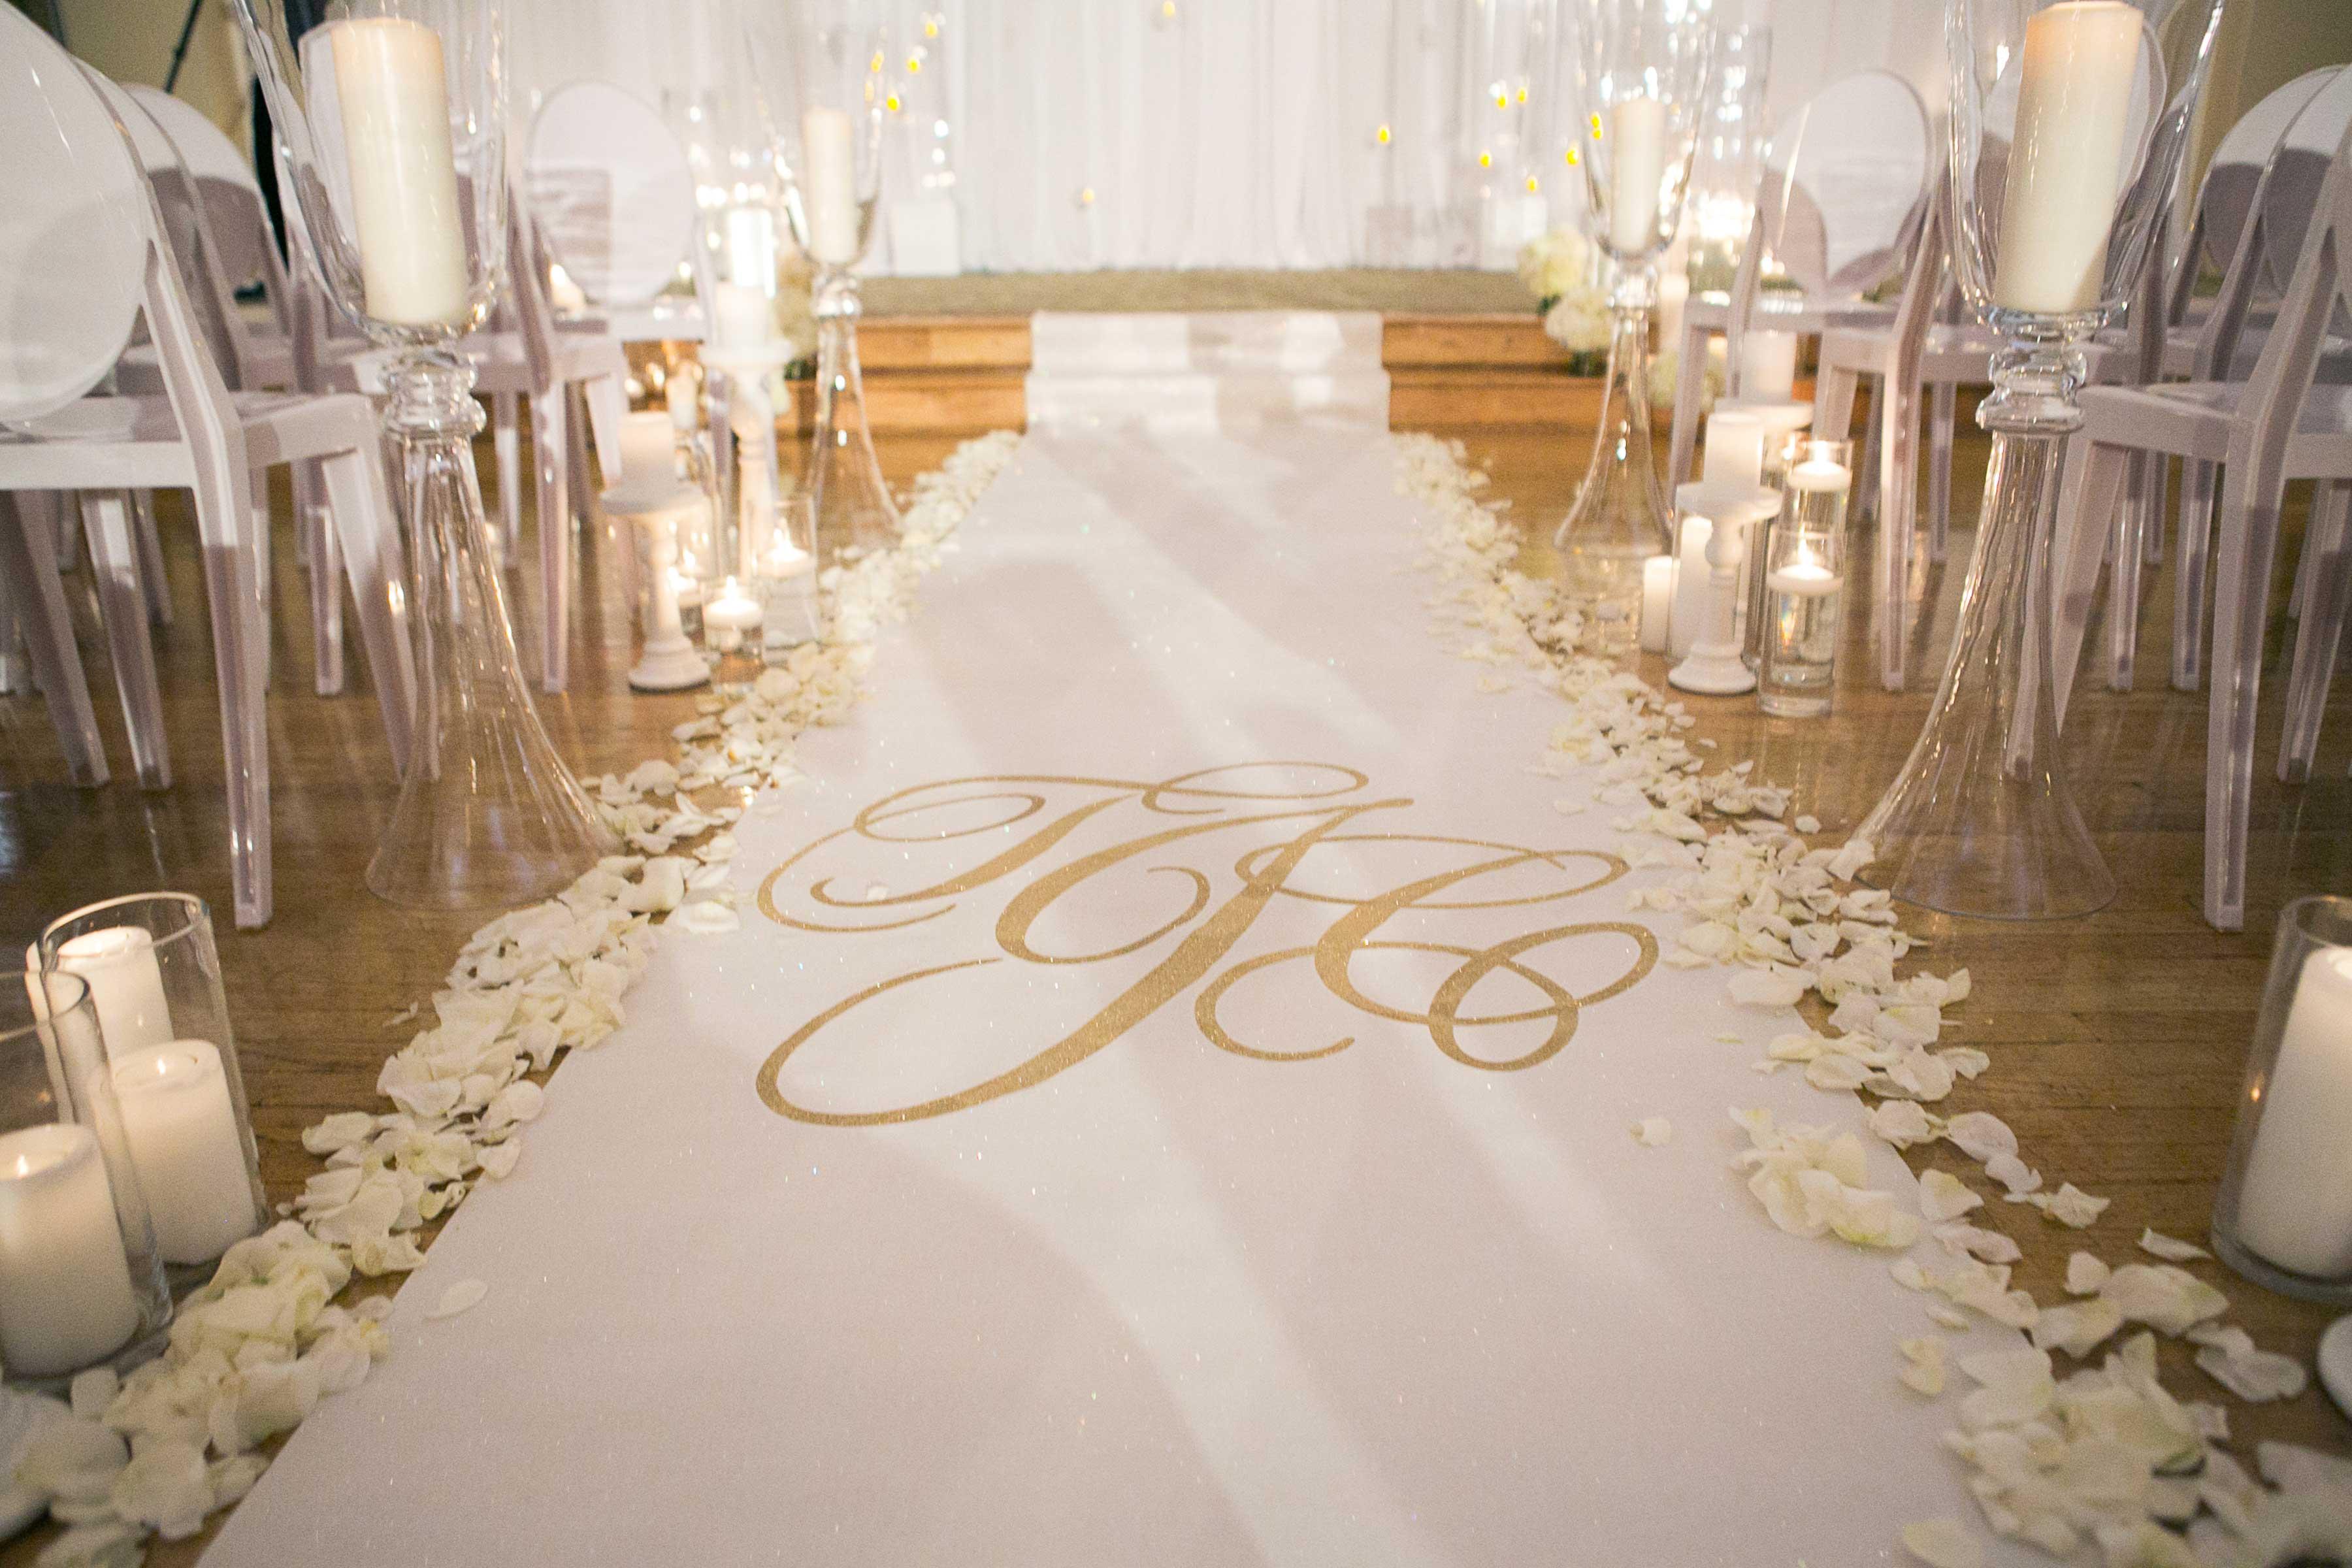 Custom Aisle Runner Designs For Your Wedding Ceremony Inside Weddings